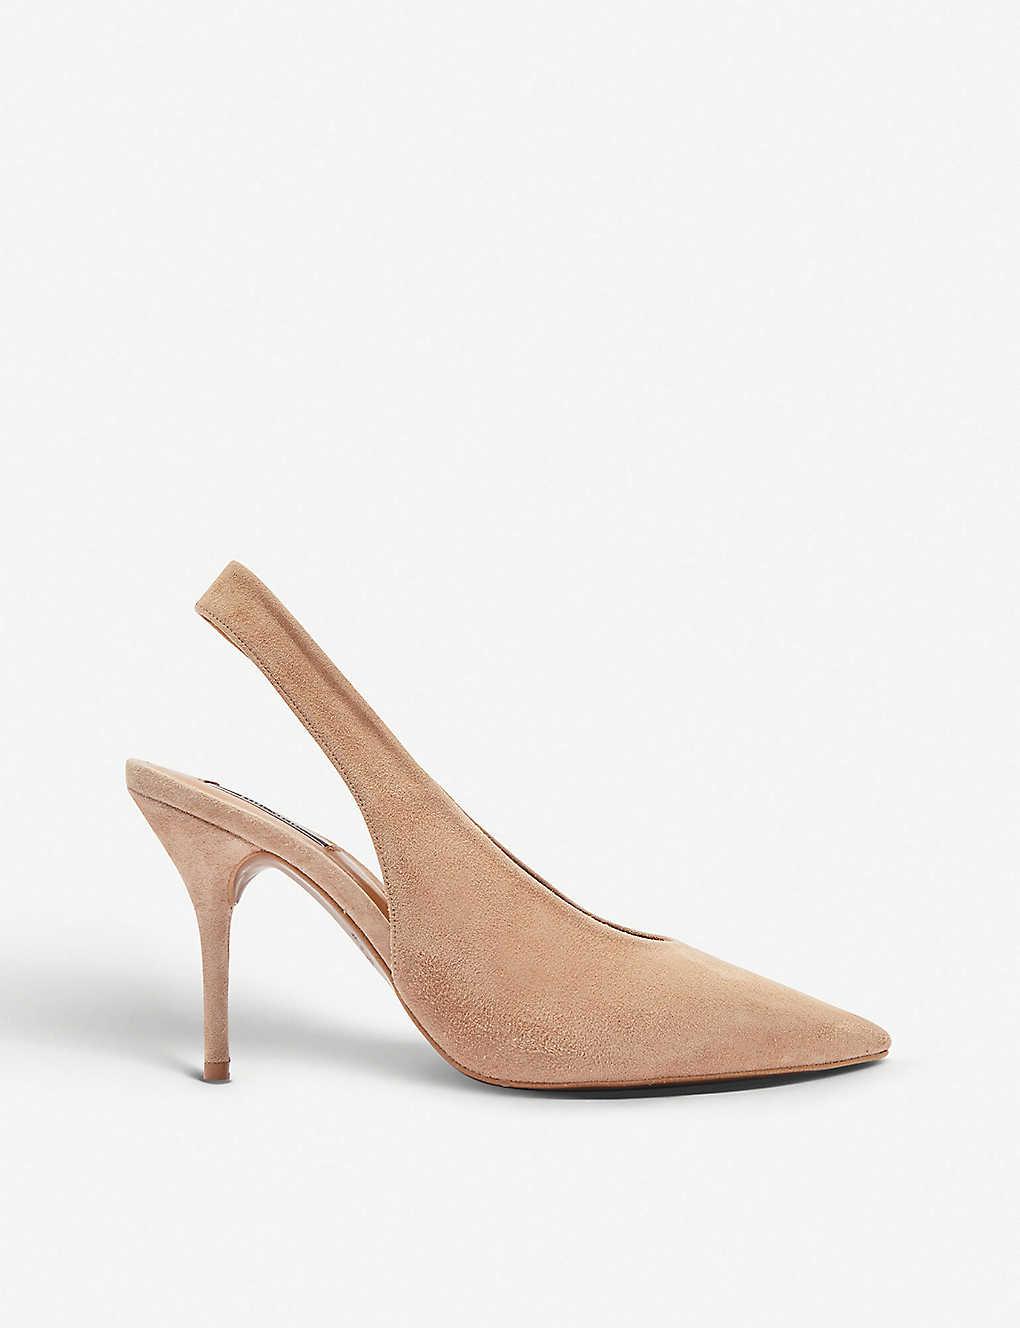 2df75c72ce69 TOPSHOP - Gail leather slingback shoes   Selfridges.com